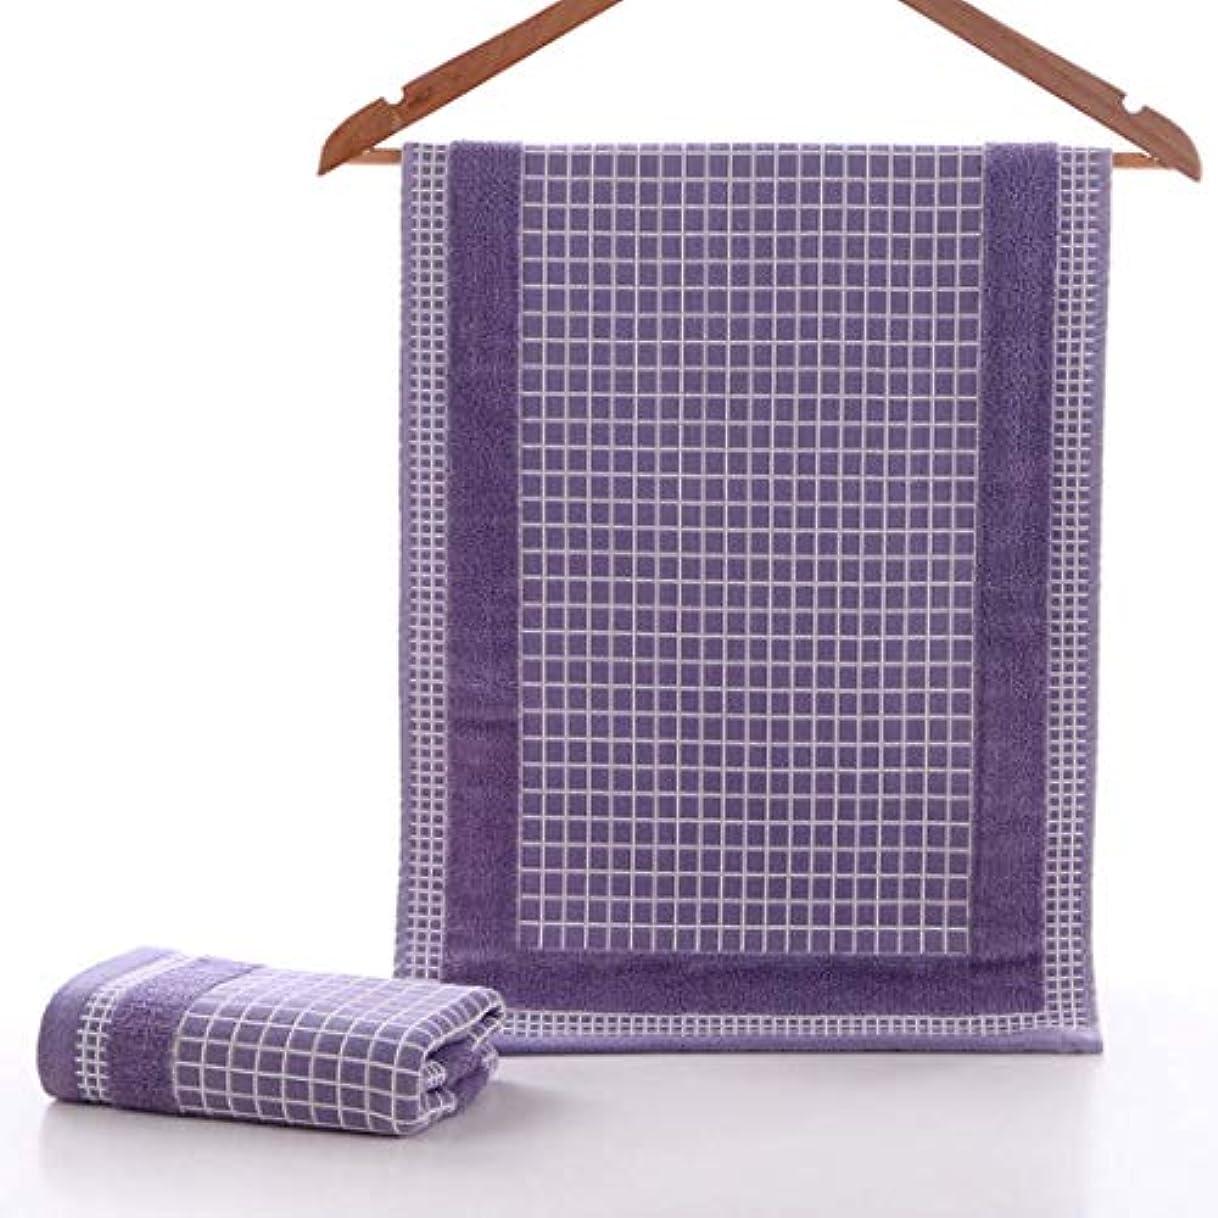 休暇追い出す彫るスーパーソフトコットンタオルコットンフェイスタオル吸収性フェイスタオル,Purple,34*75